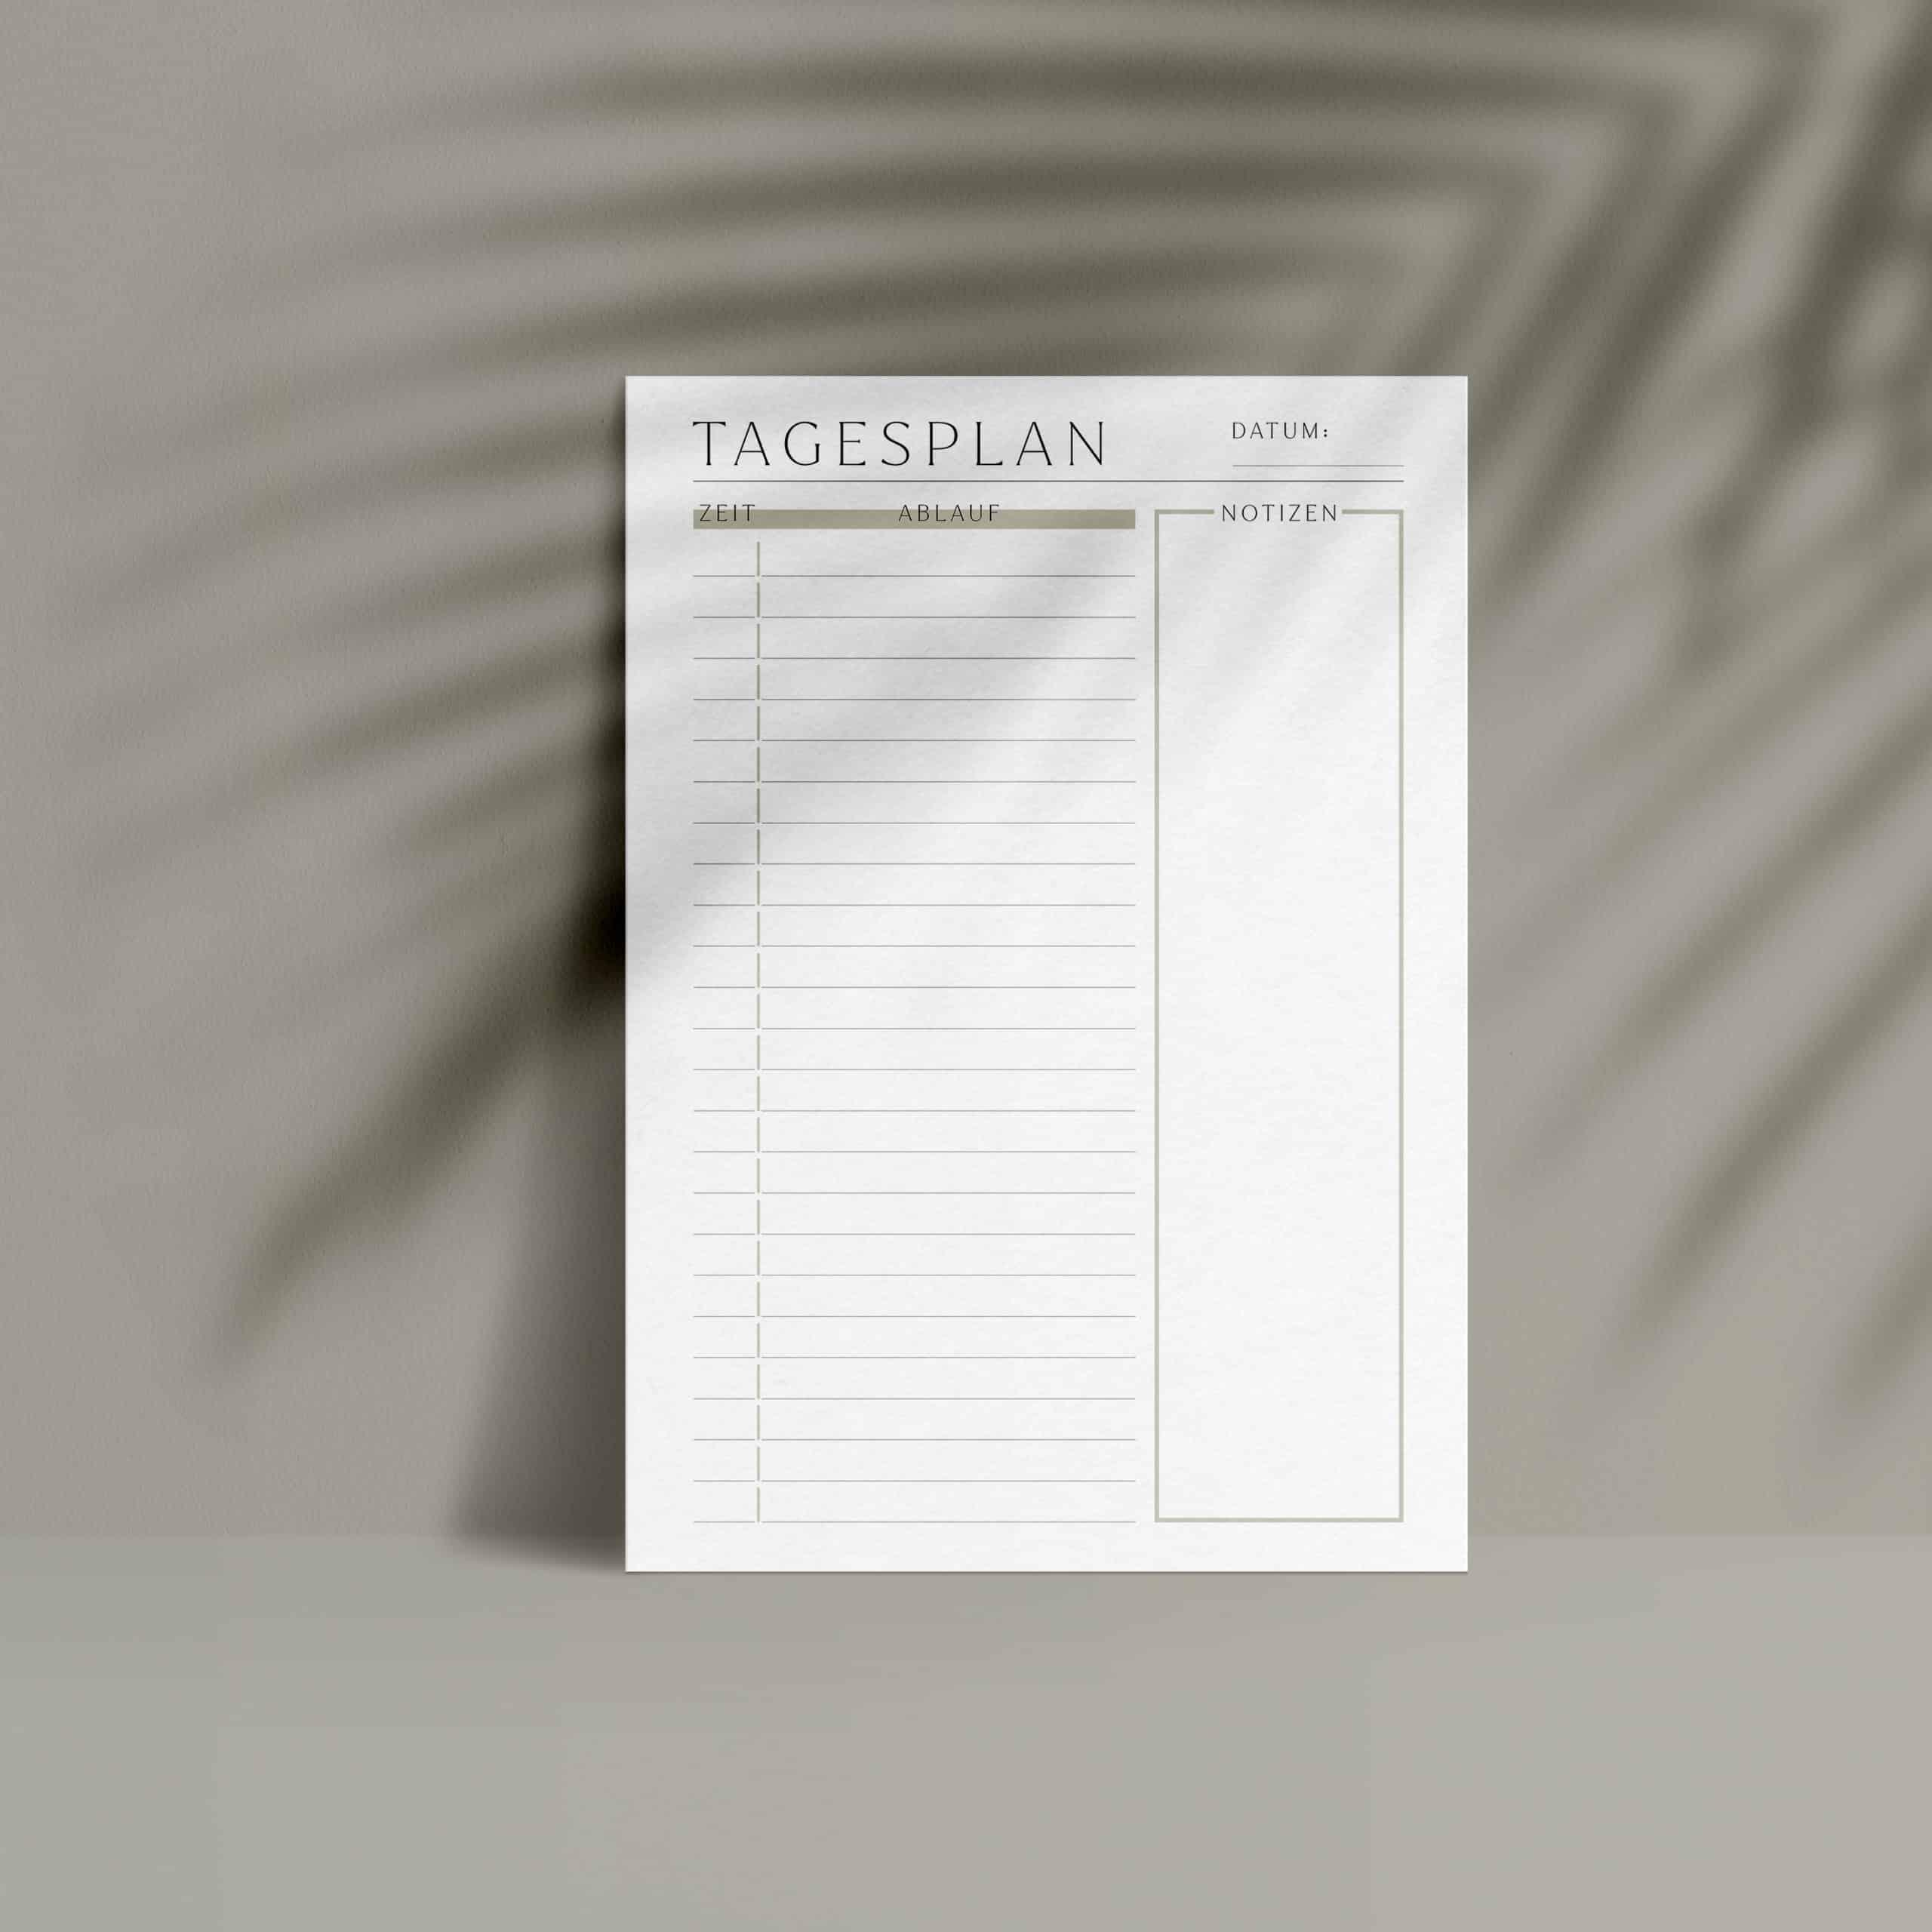 tagesplan_zum_ausdrucken_zeitplan